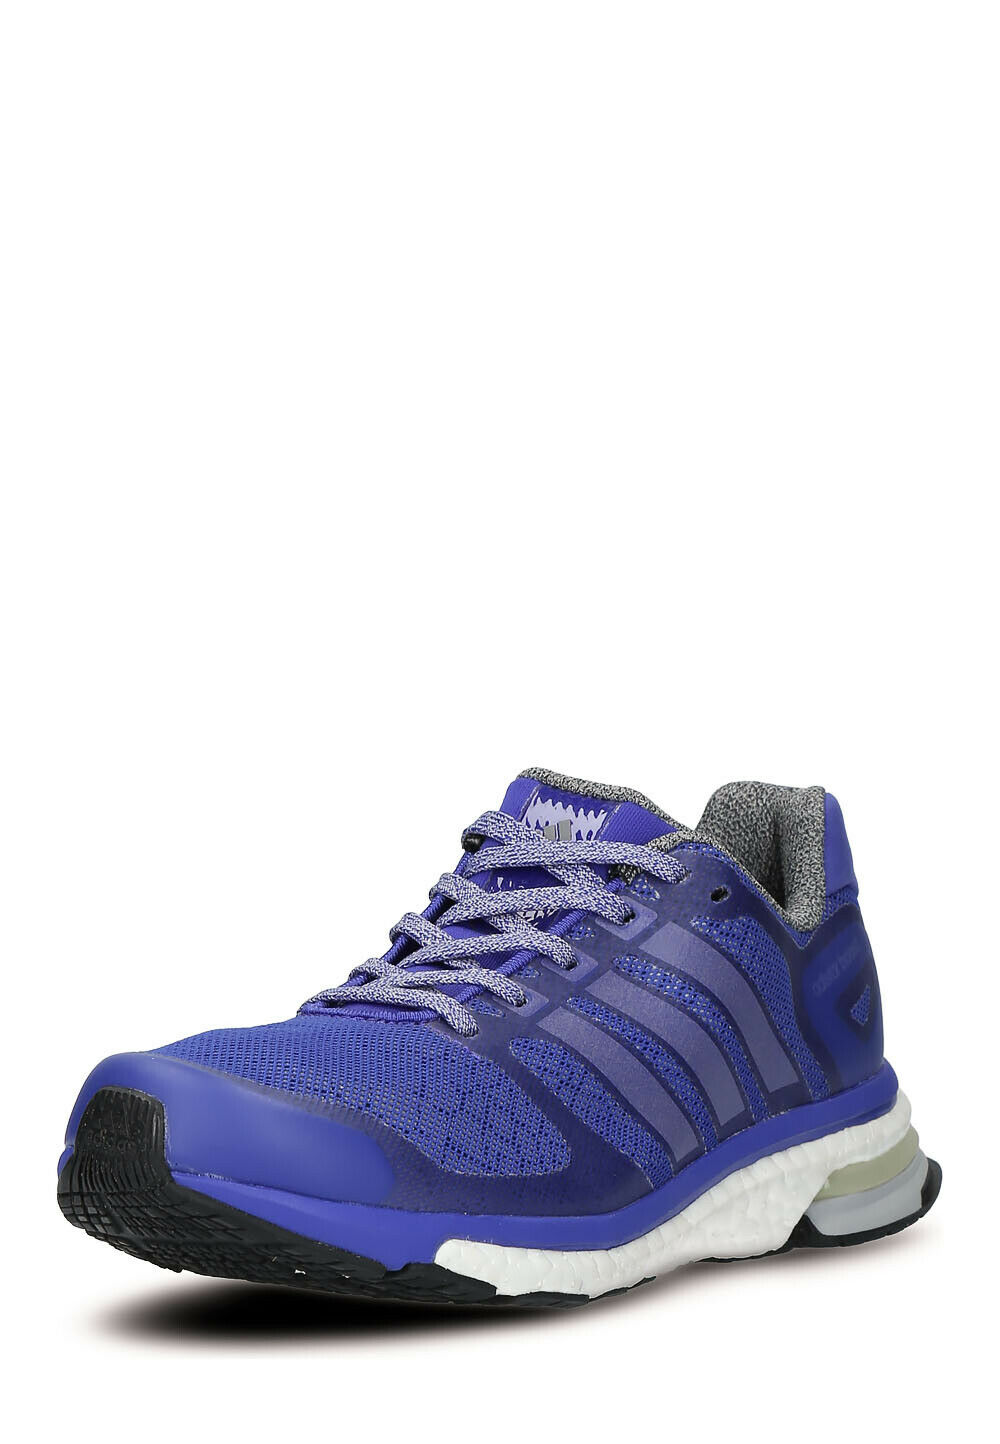 ADIDAS Damen Laufschuhe Sport Schuhe leicht Running Größe 36 2 3